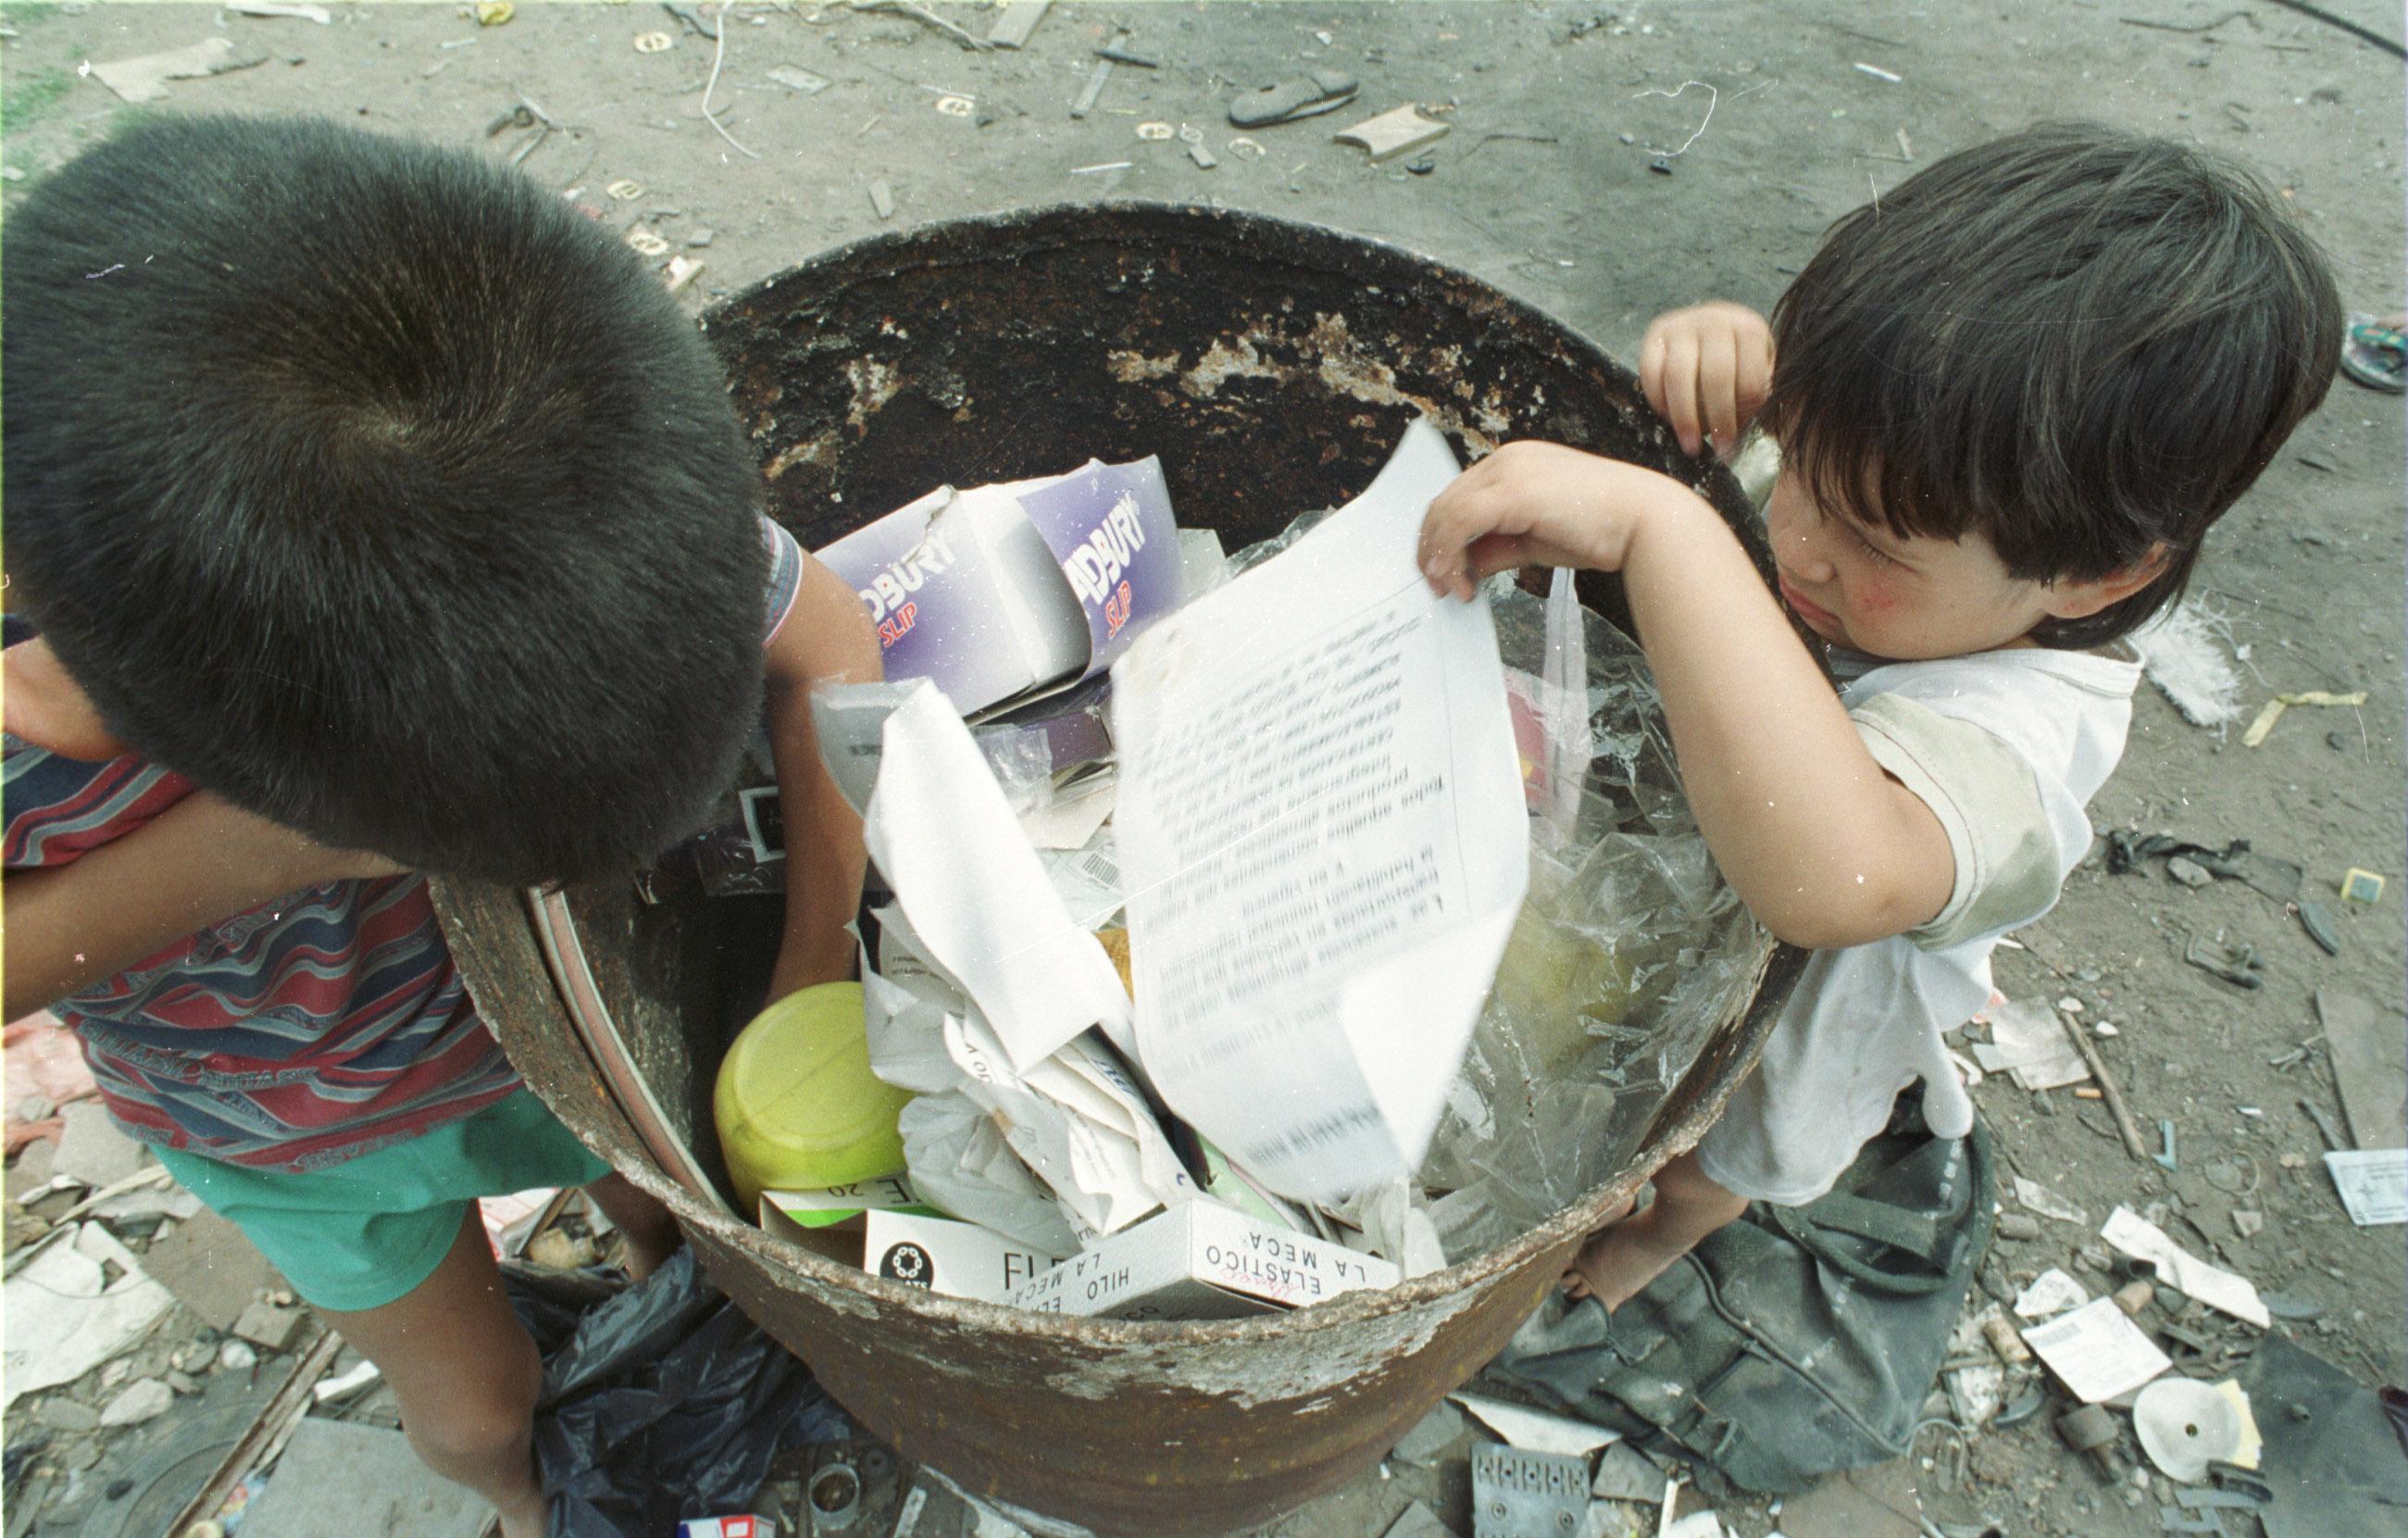 En Argentina hay cerca de 6 millones de niños pobres: un millón en situación extrema – Diario El Ciudadano y la Región